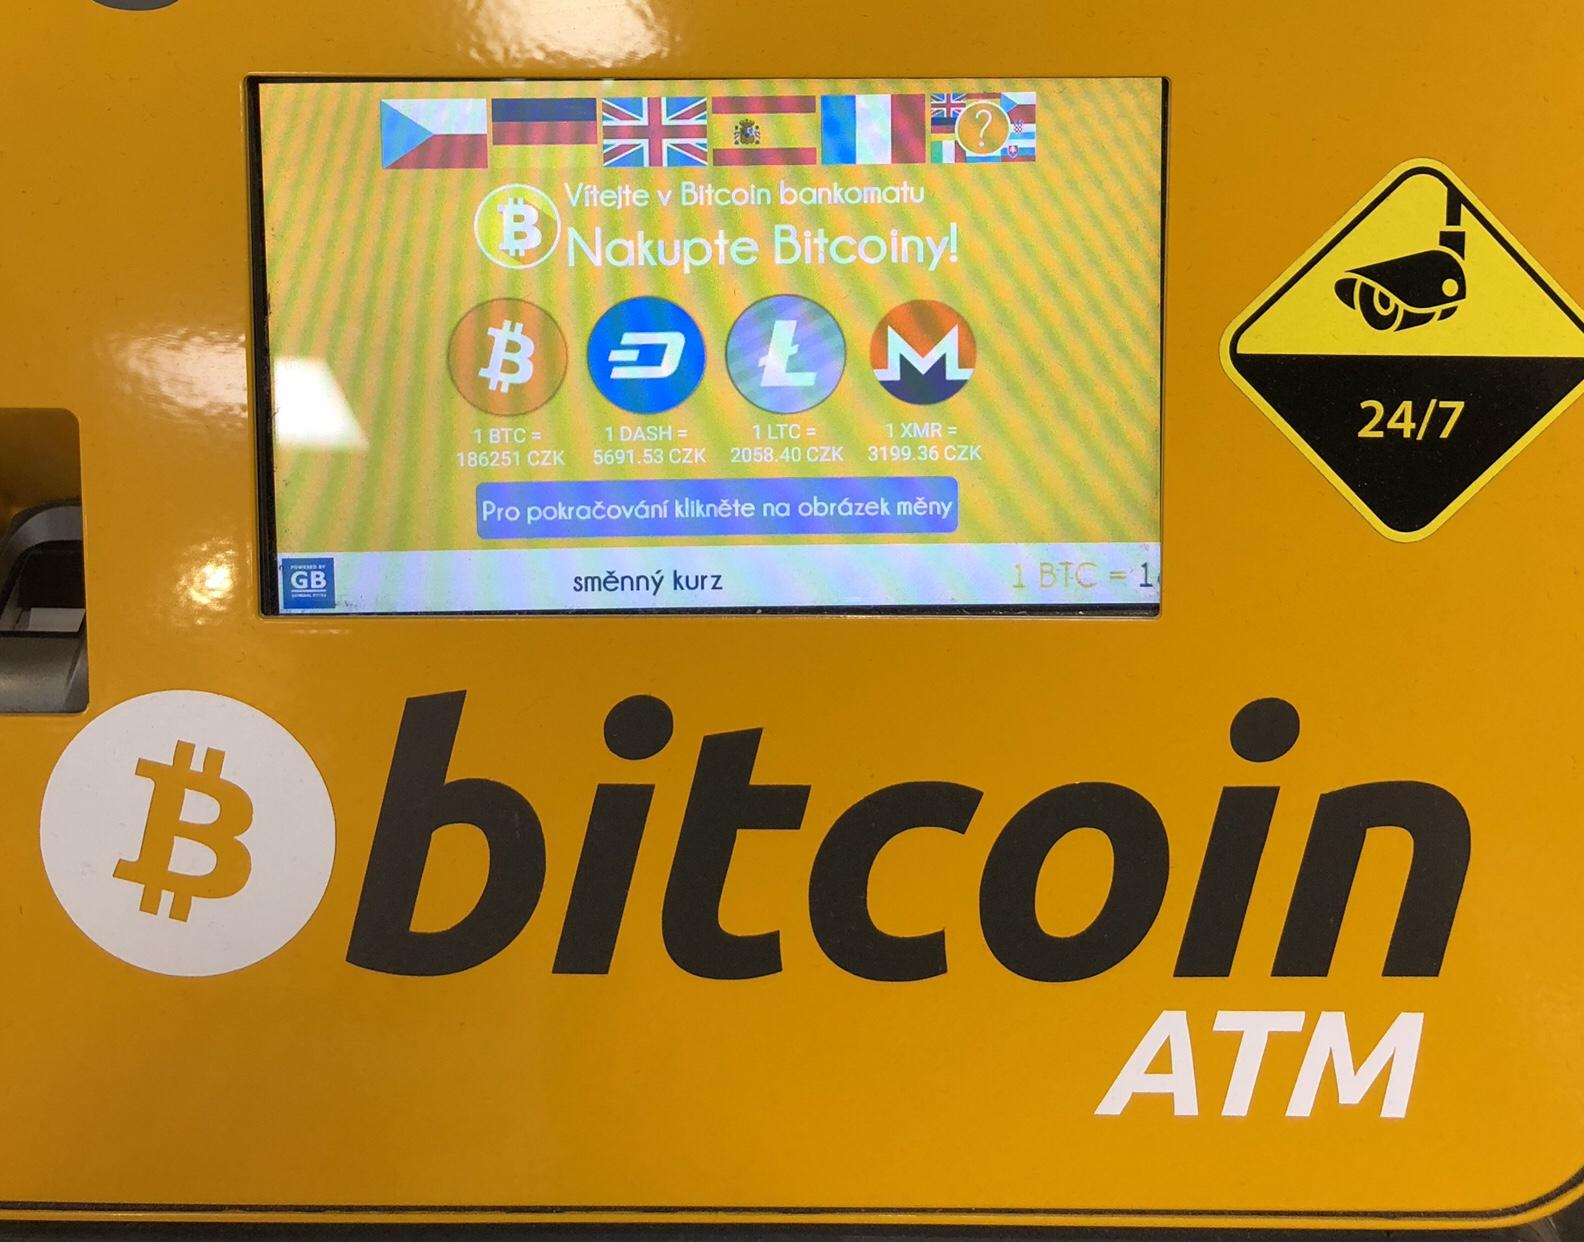 Bitcoin ATM in Prag